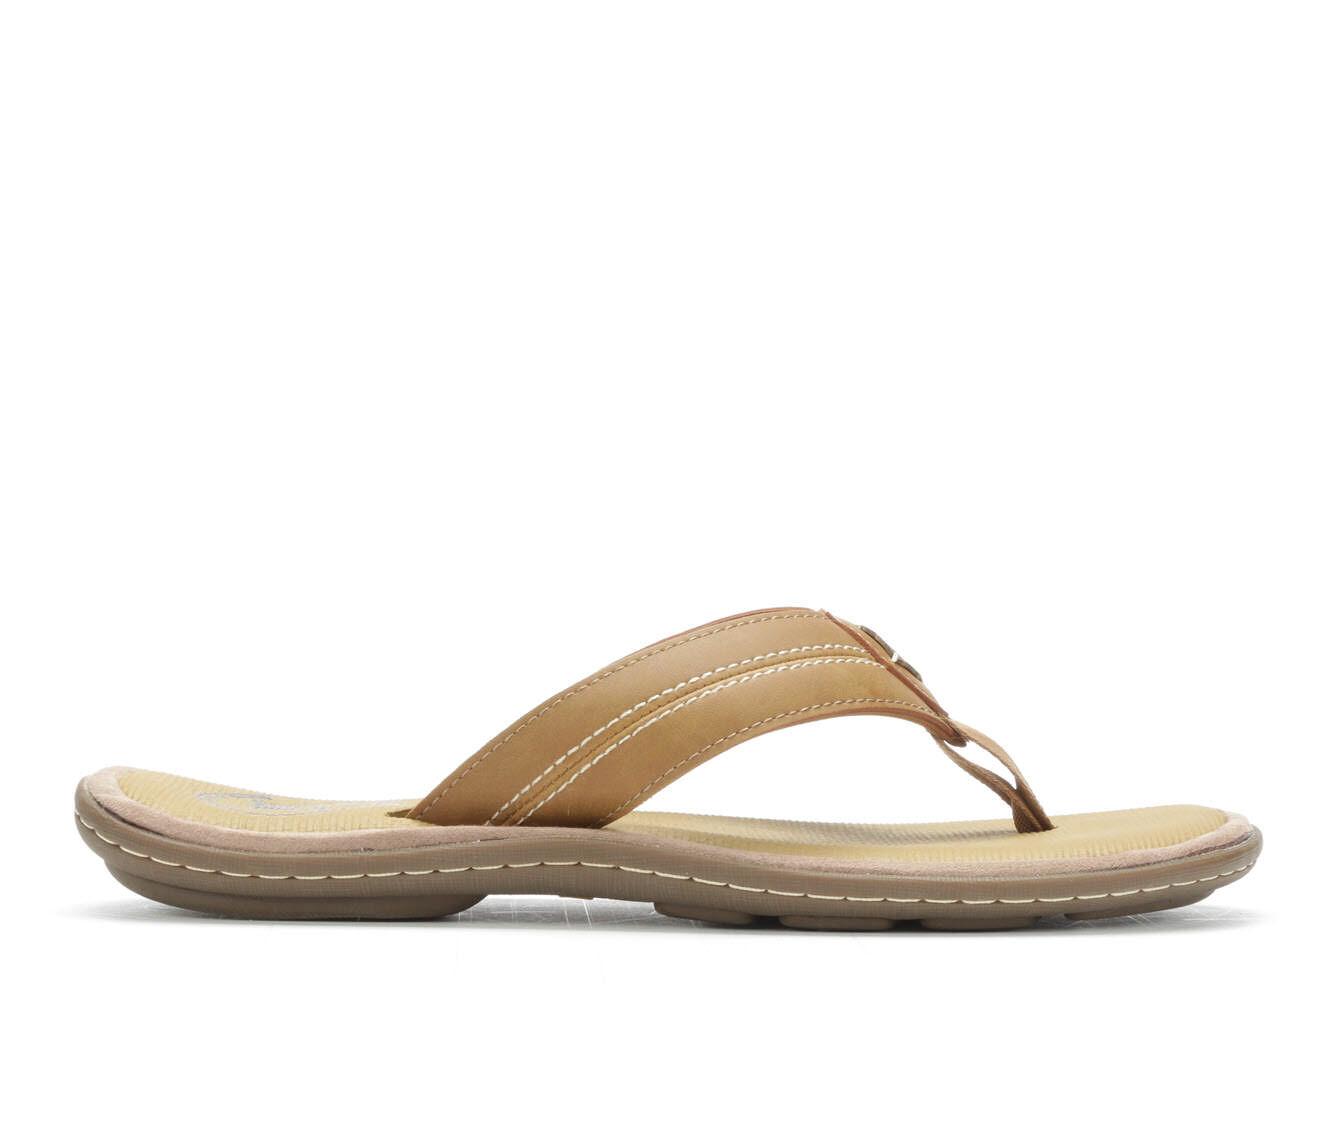 Best Buy Men's Margaritaville Caymen Flip-Flops Tan